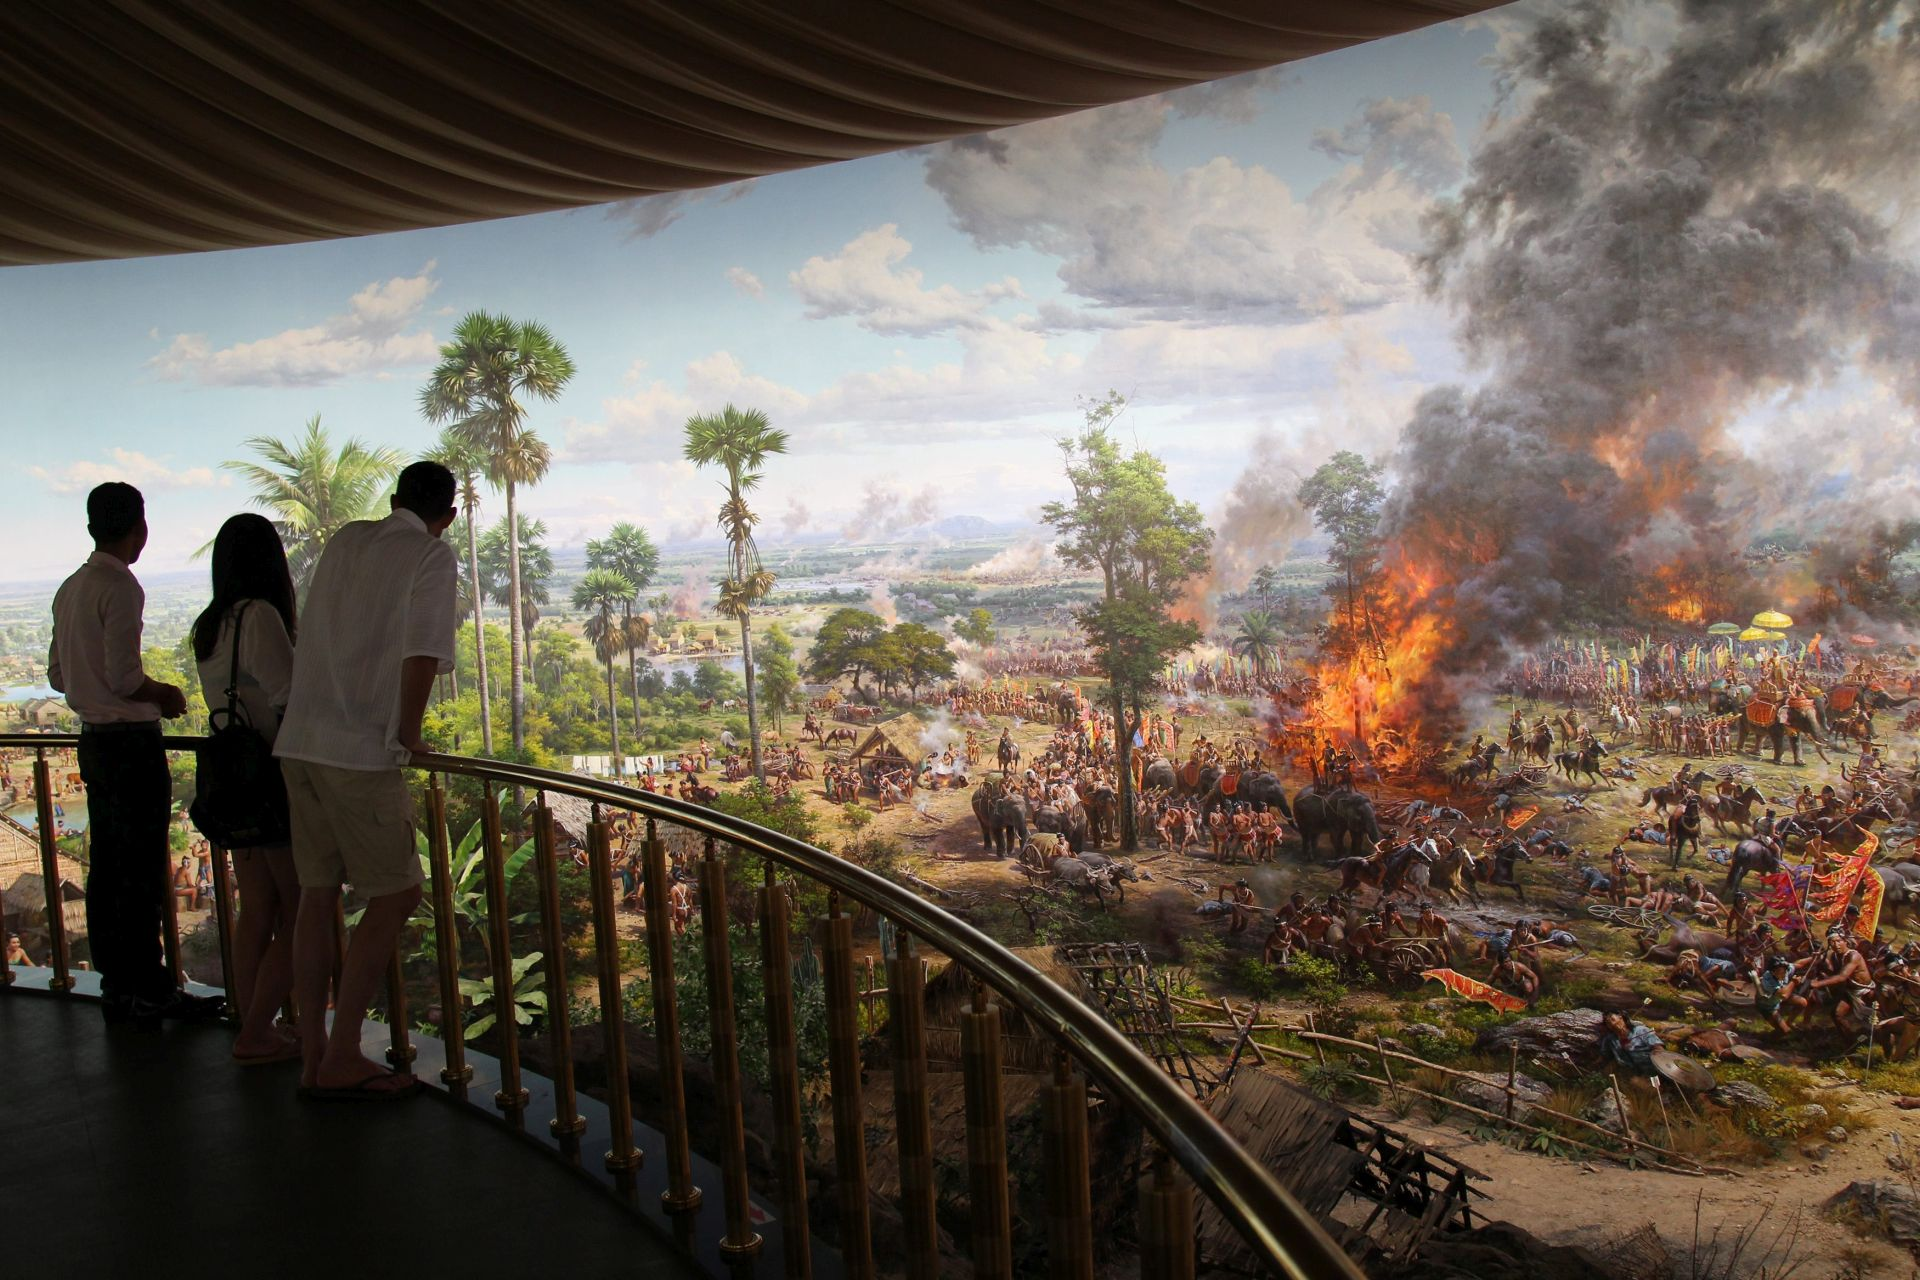 ISTRAŽIVANJE IZ ZRAKA: Kod Angkor Wata otkriveno golemo urbano središte